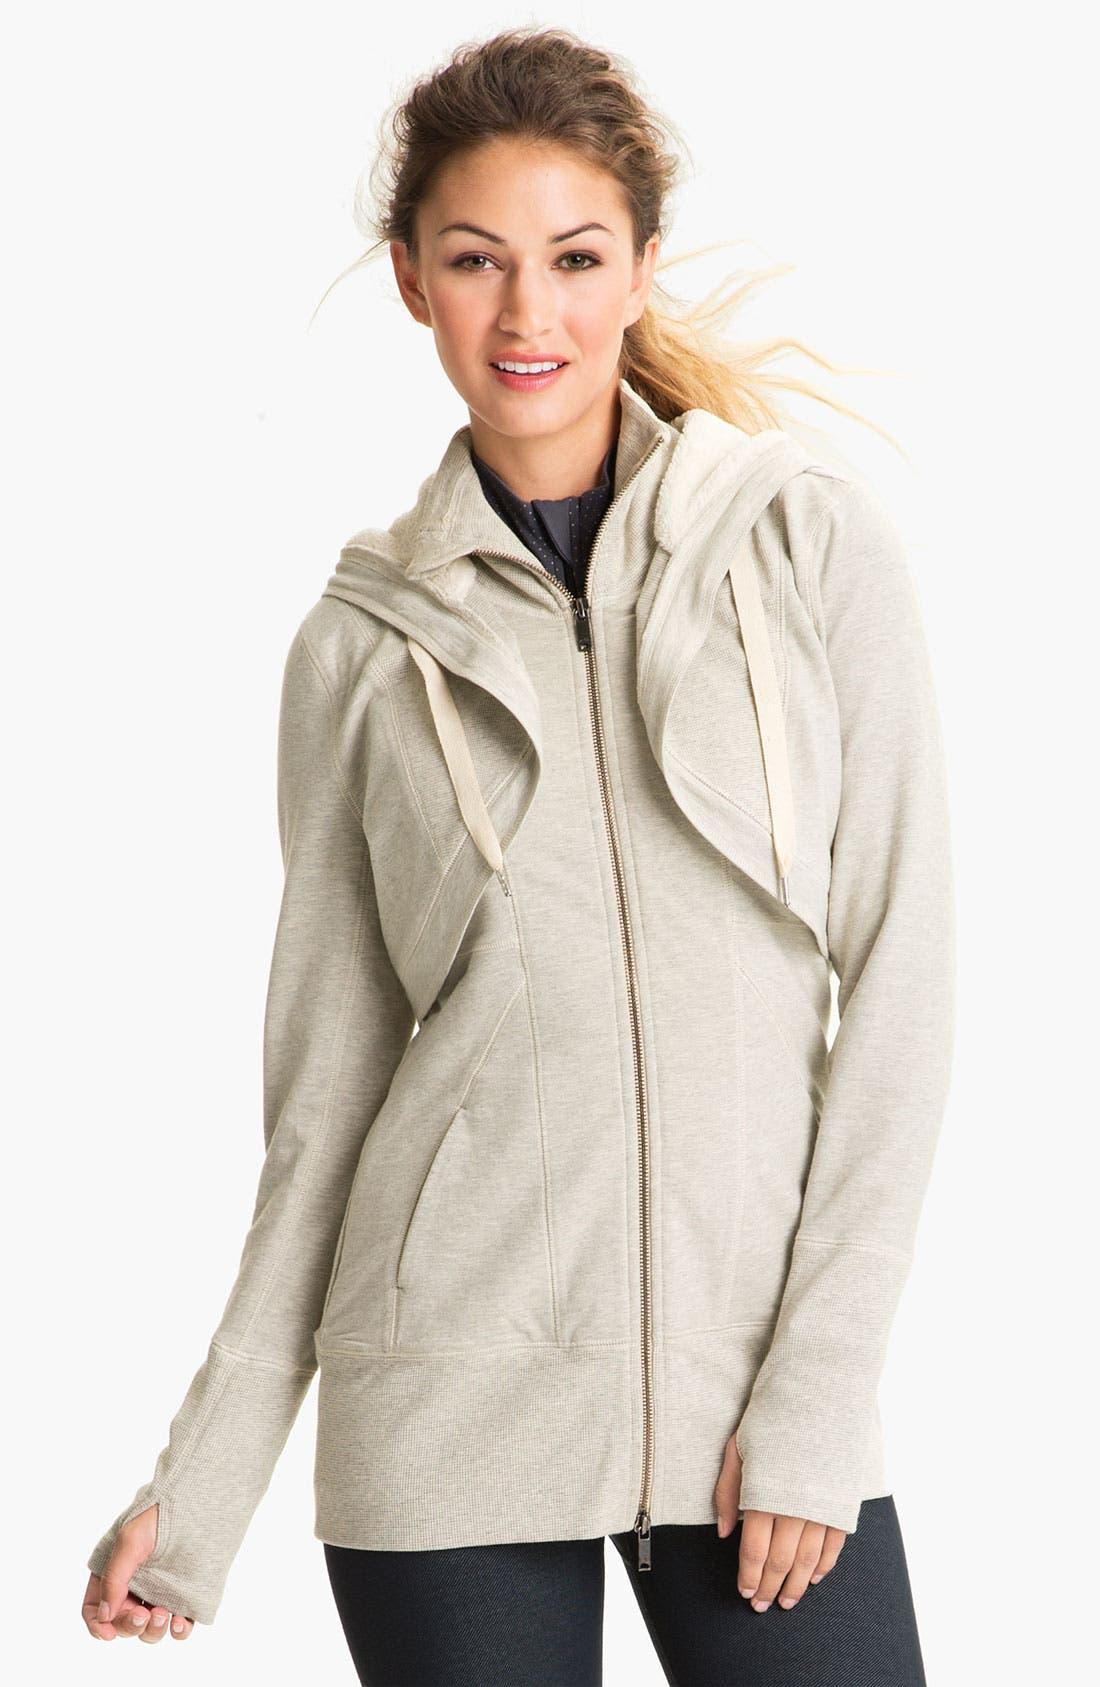 Alternate Image 1 Selected - Zella 'Chalet' 3-in-1 Jacket